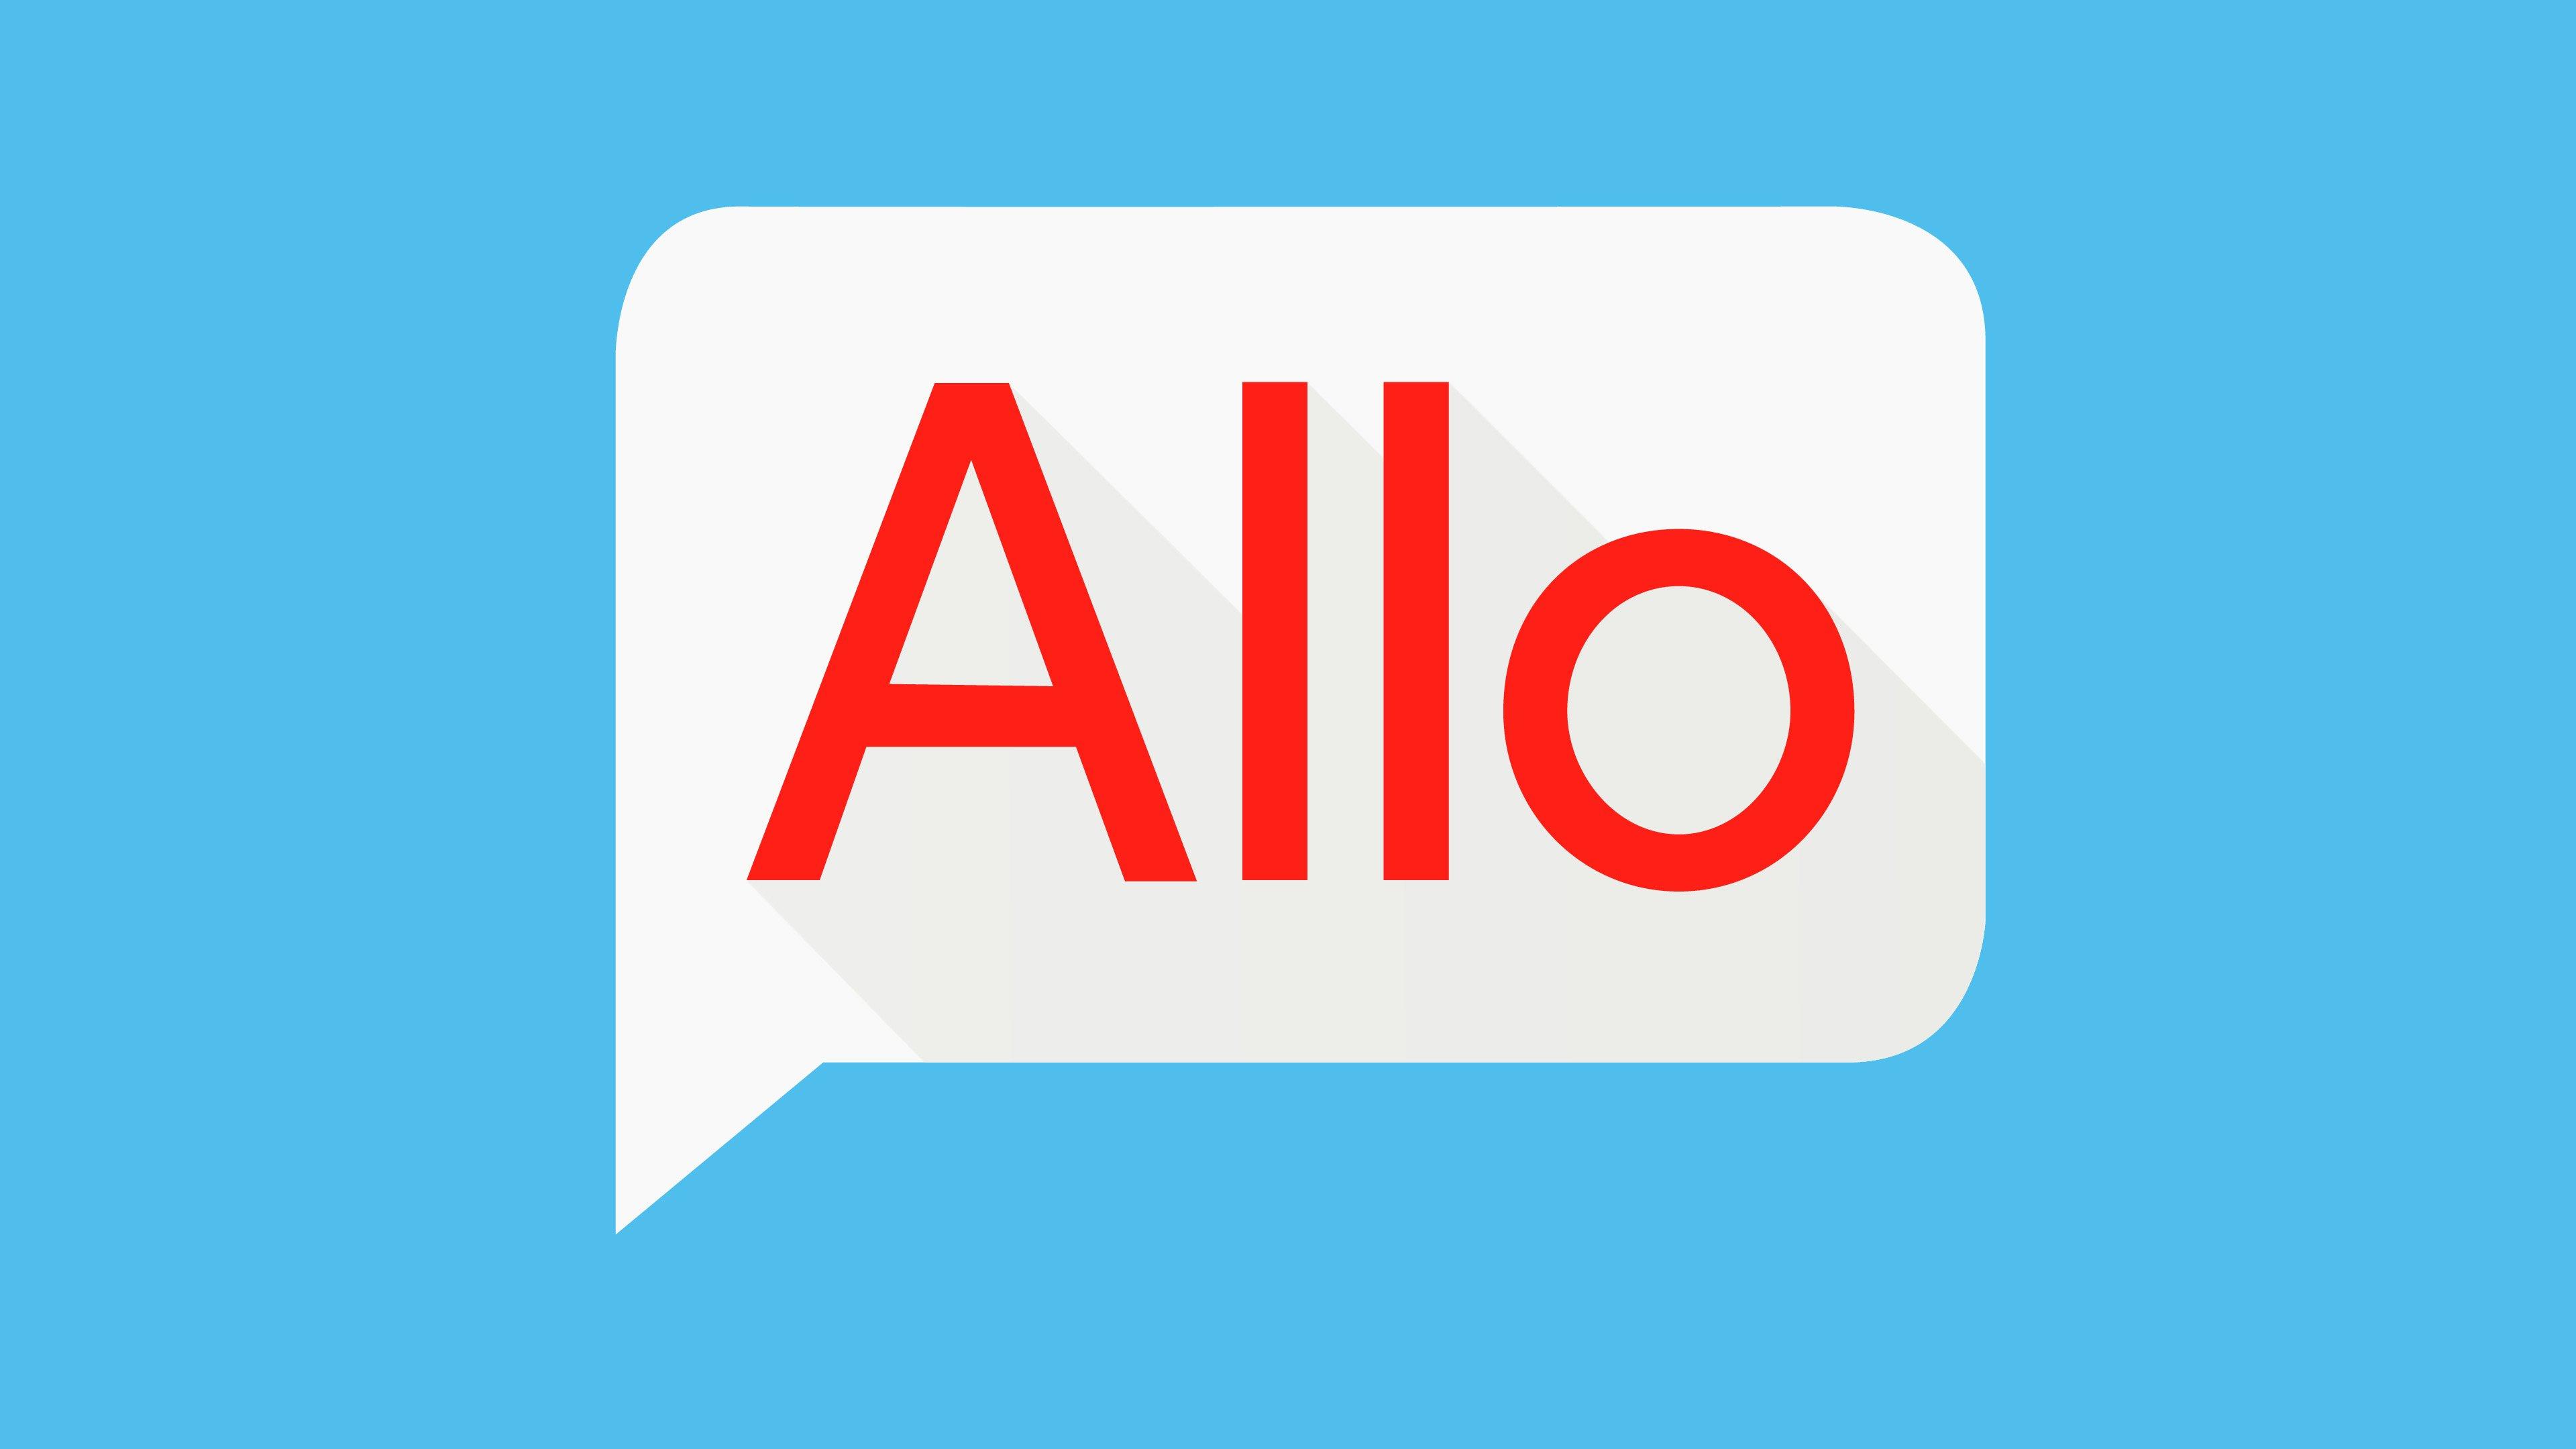 Google Allo logo